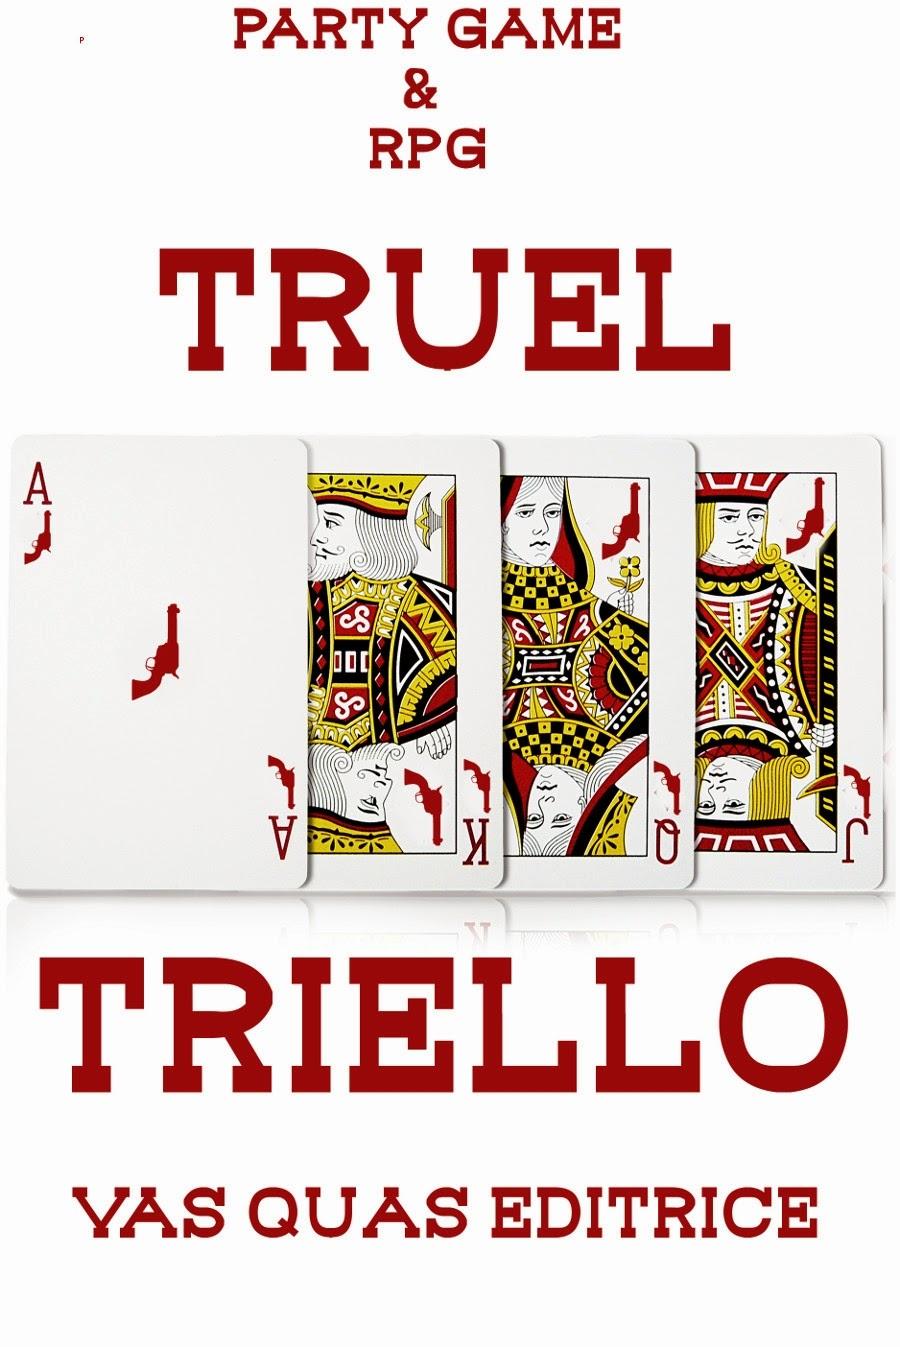 Truel